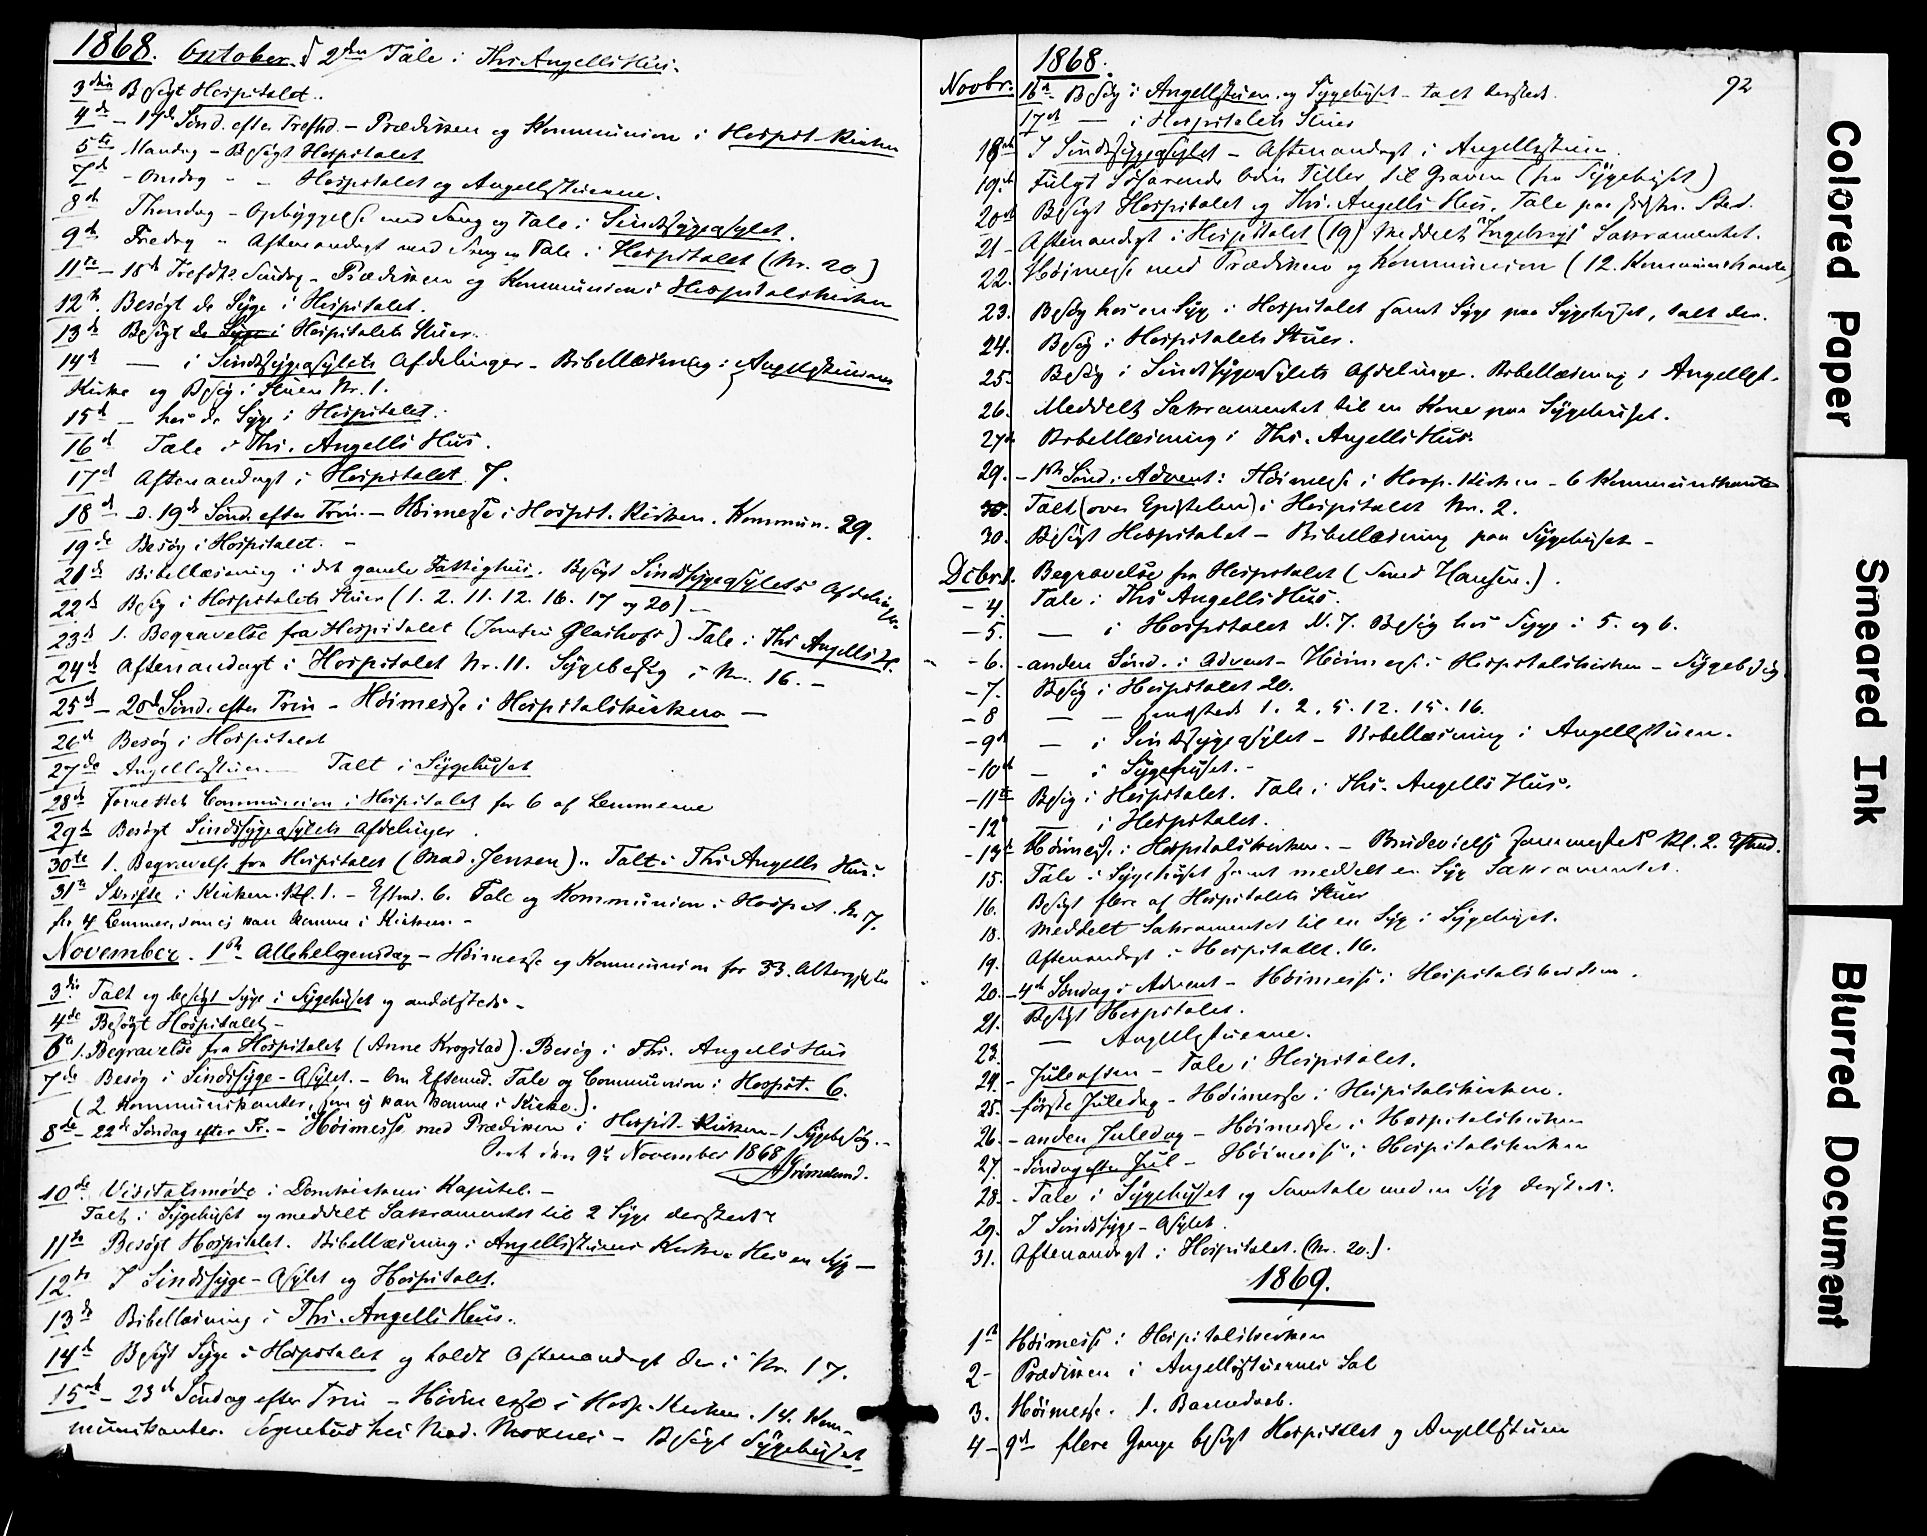 SAT, Ministerialprotokoller, klokkerbøker og fødselsregistre - Sør-Trøndelag, 623/L0469: Ministerialbok nr. 623A03, 1868-1883, s. 92